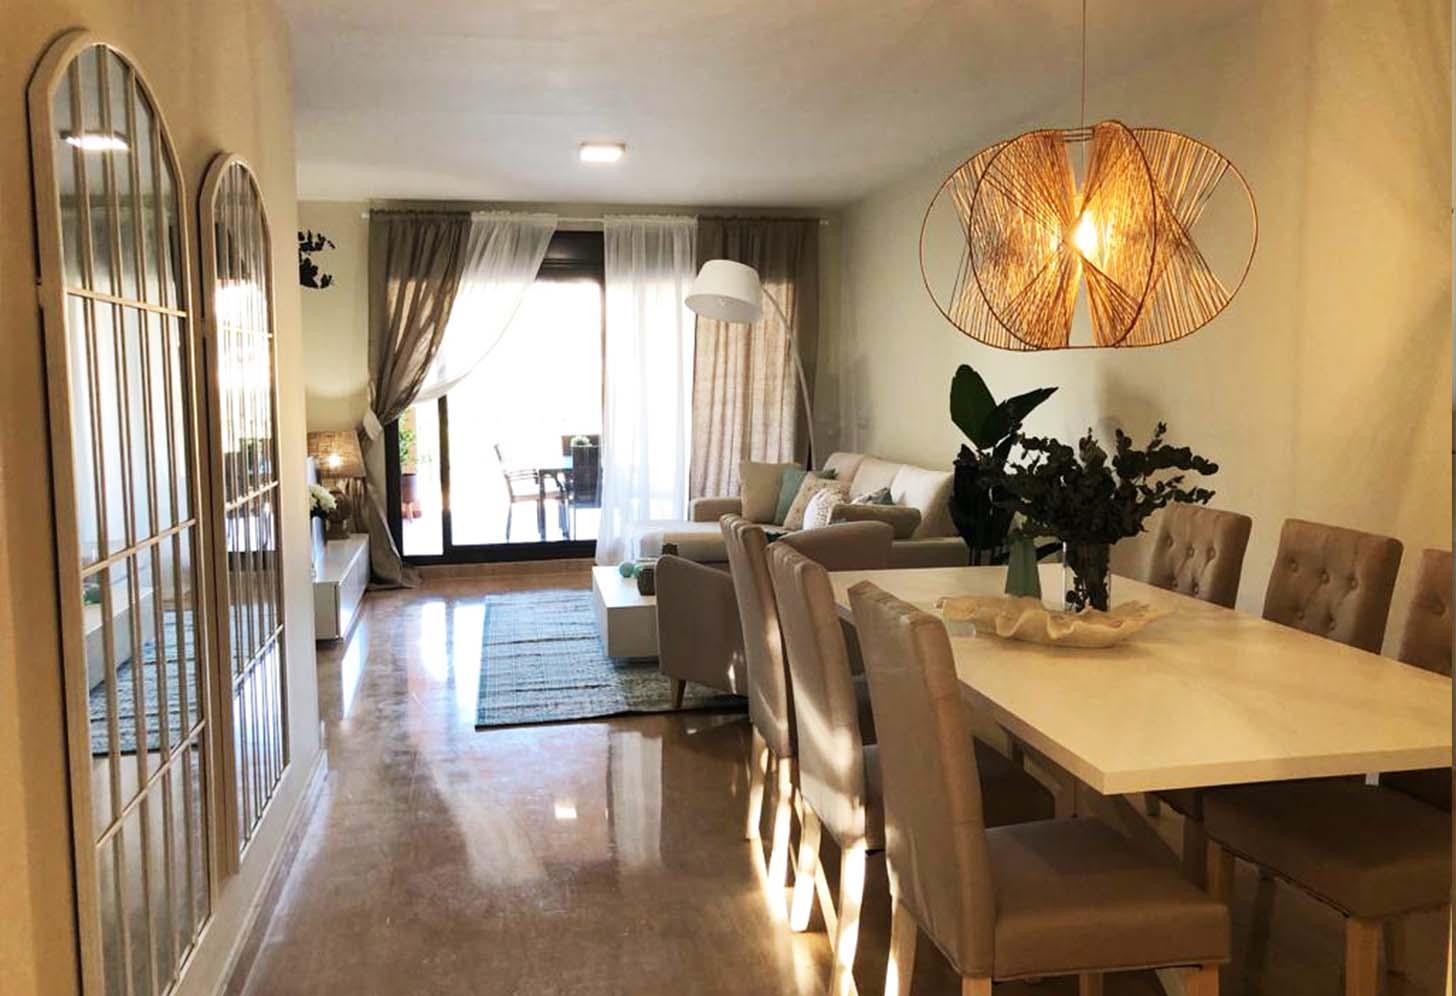 immobilier neuf espagne costa del sol on-m4 dona lucia salon 2